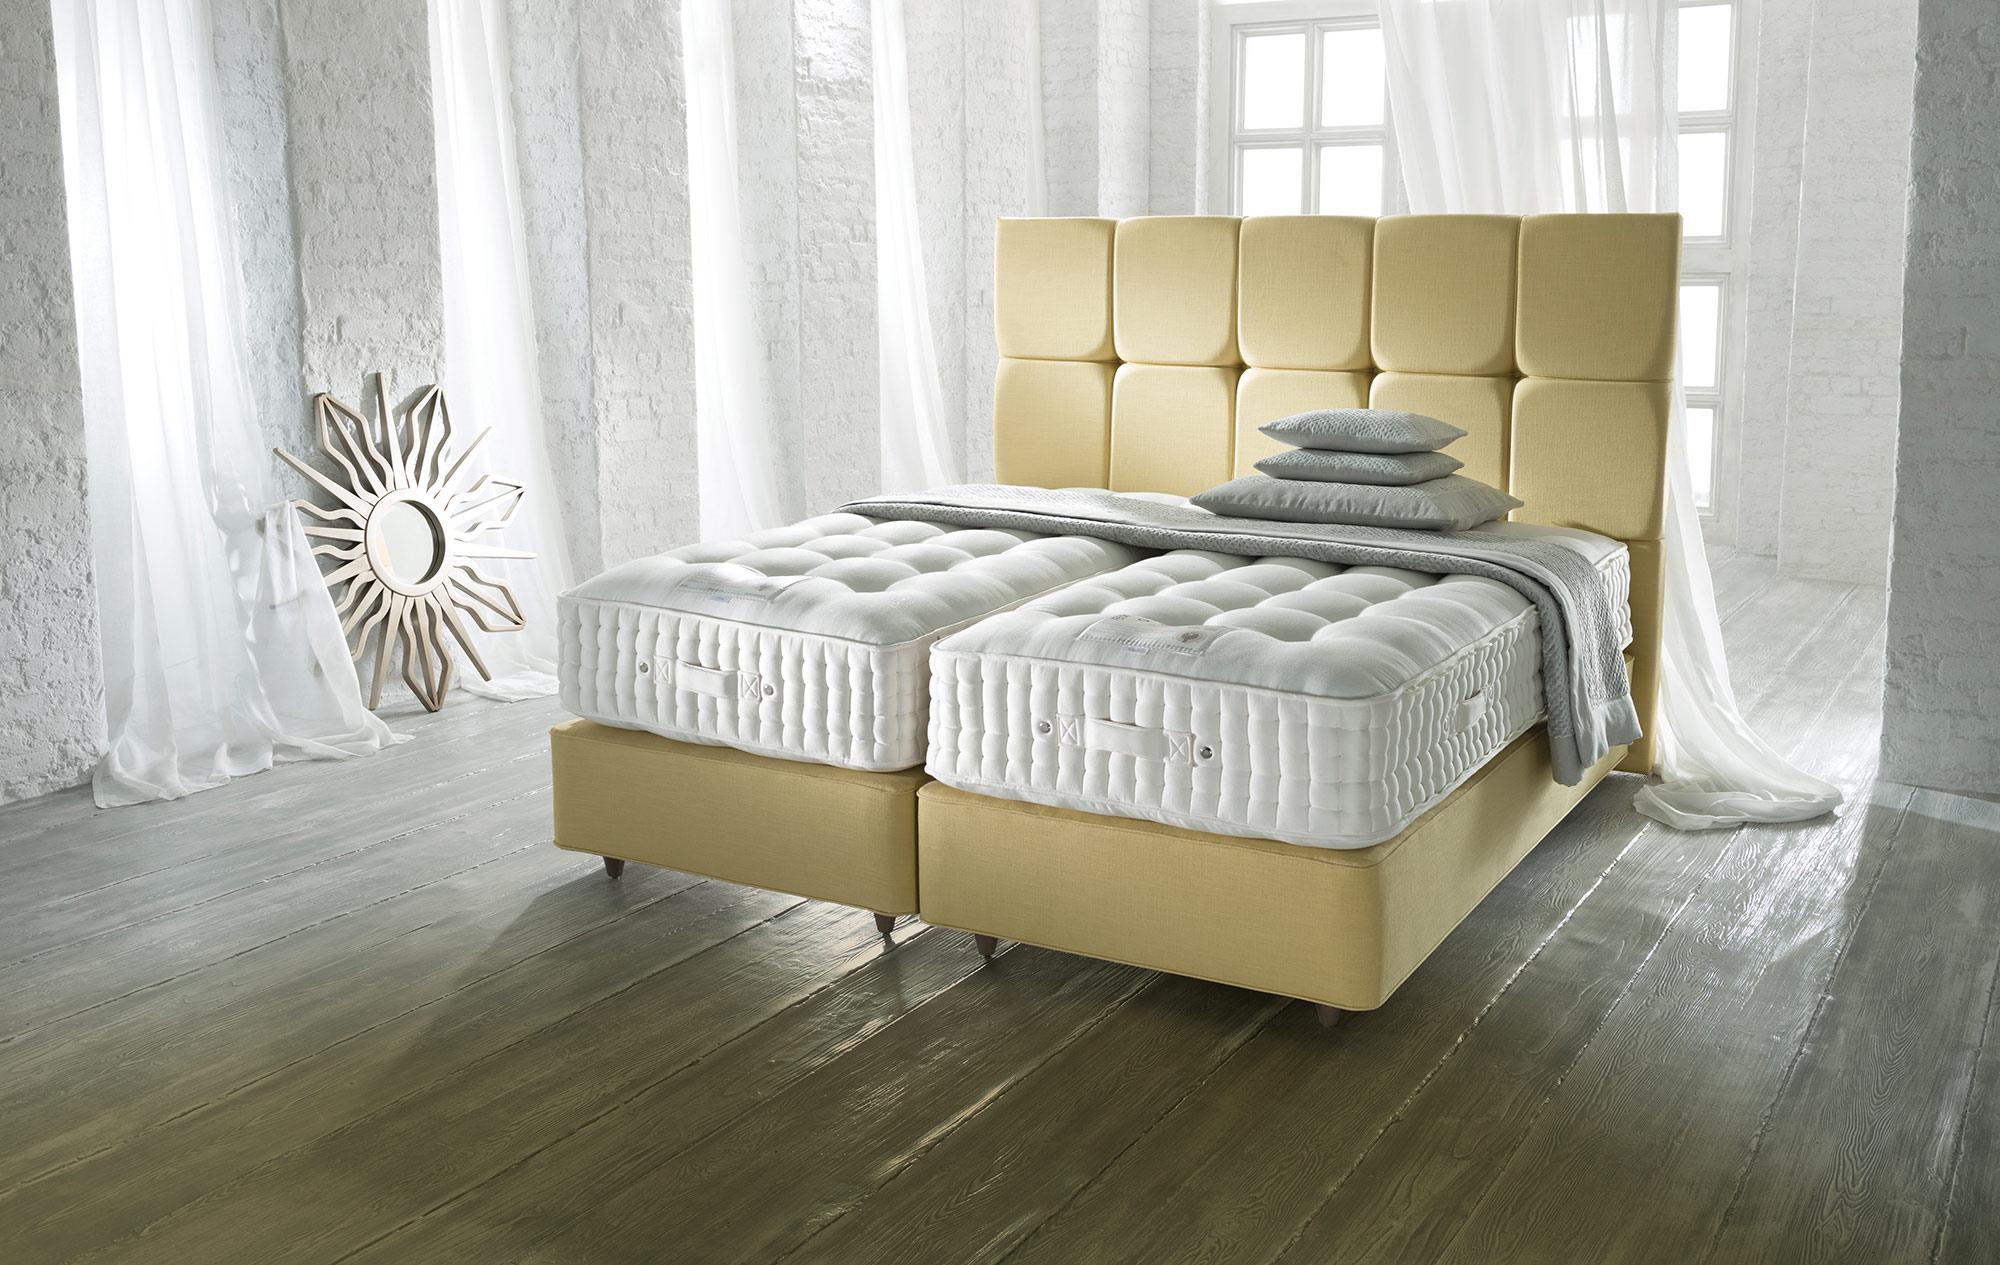 Full Size of Somnus Betten Boxspringbetten Bei Ambiente Günstig Kaufen 180x200 Rauch 140x200 Weiß Schlafzimmer 200x220 Amerikanische Hohe Günstige Bonprix Schöne Test Bett Somnus Betten